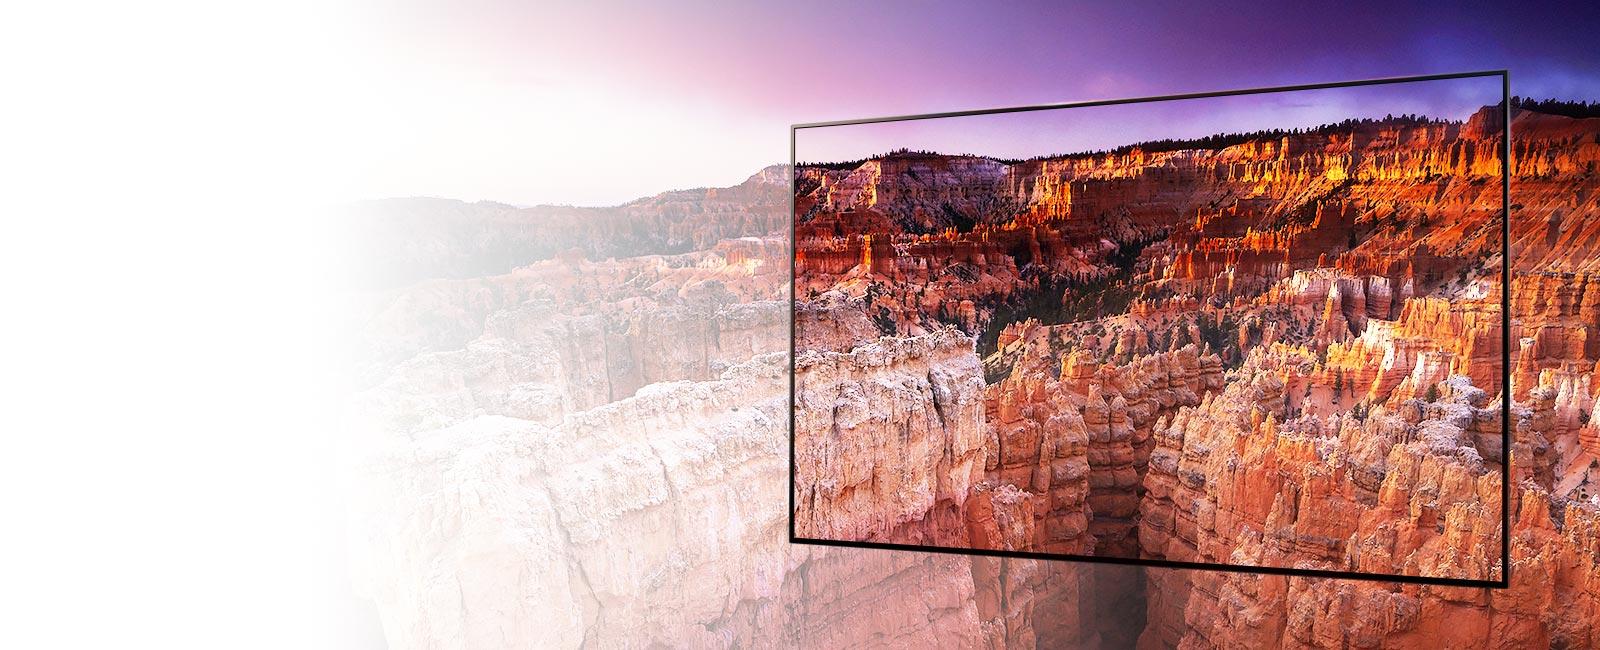 Kadr przedstawiający scenerię Parku Narodowego Bryce Canyon